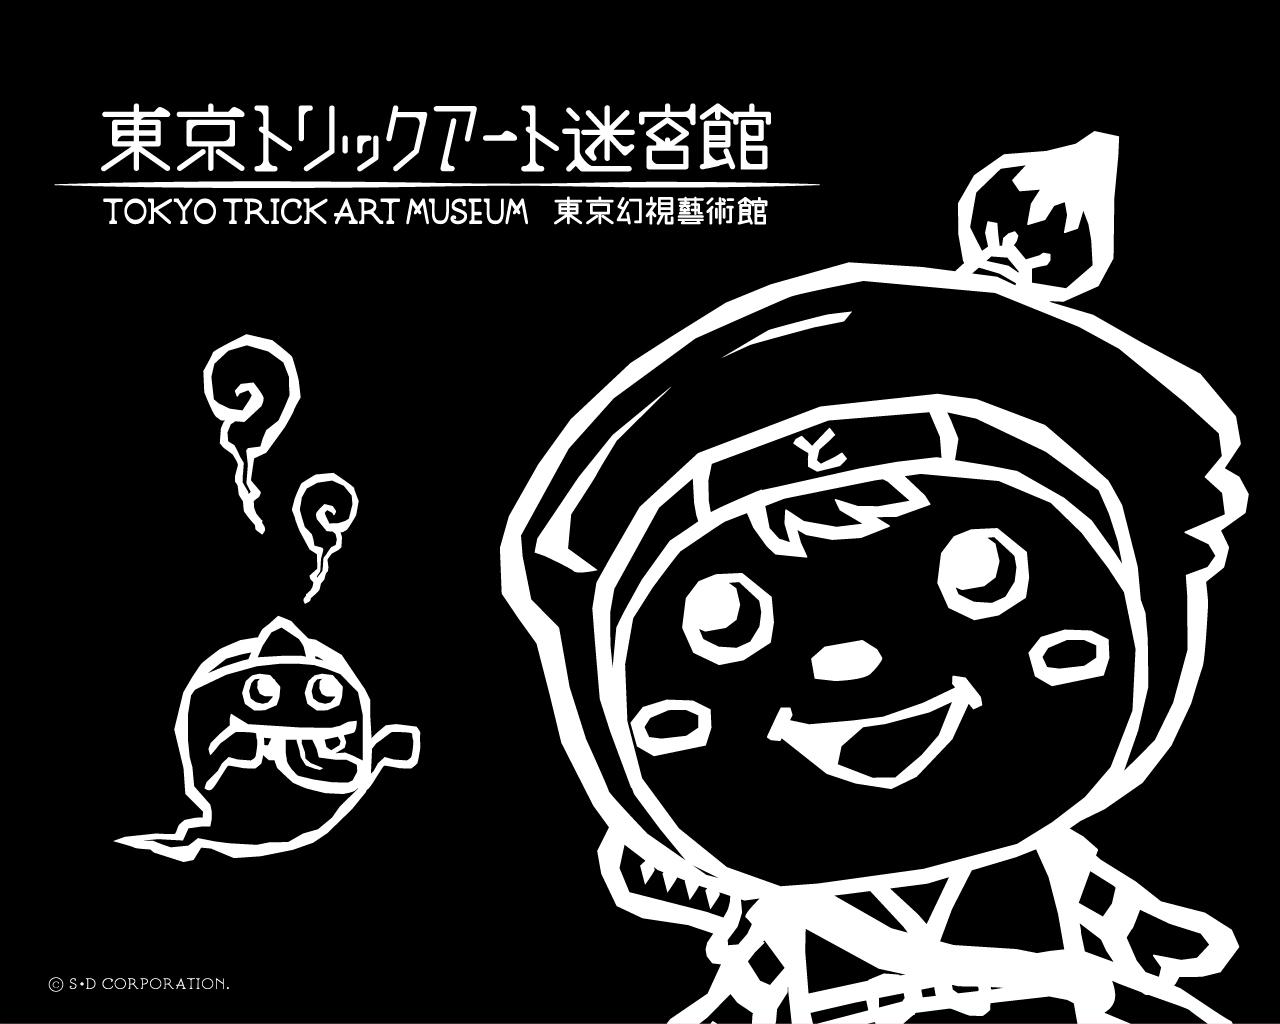 壁紙ダウンロード 東京トリックアート迷宮館